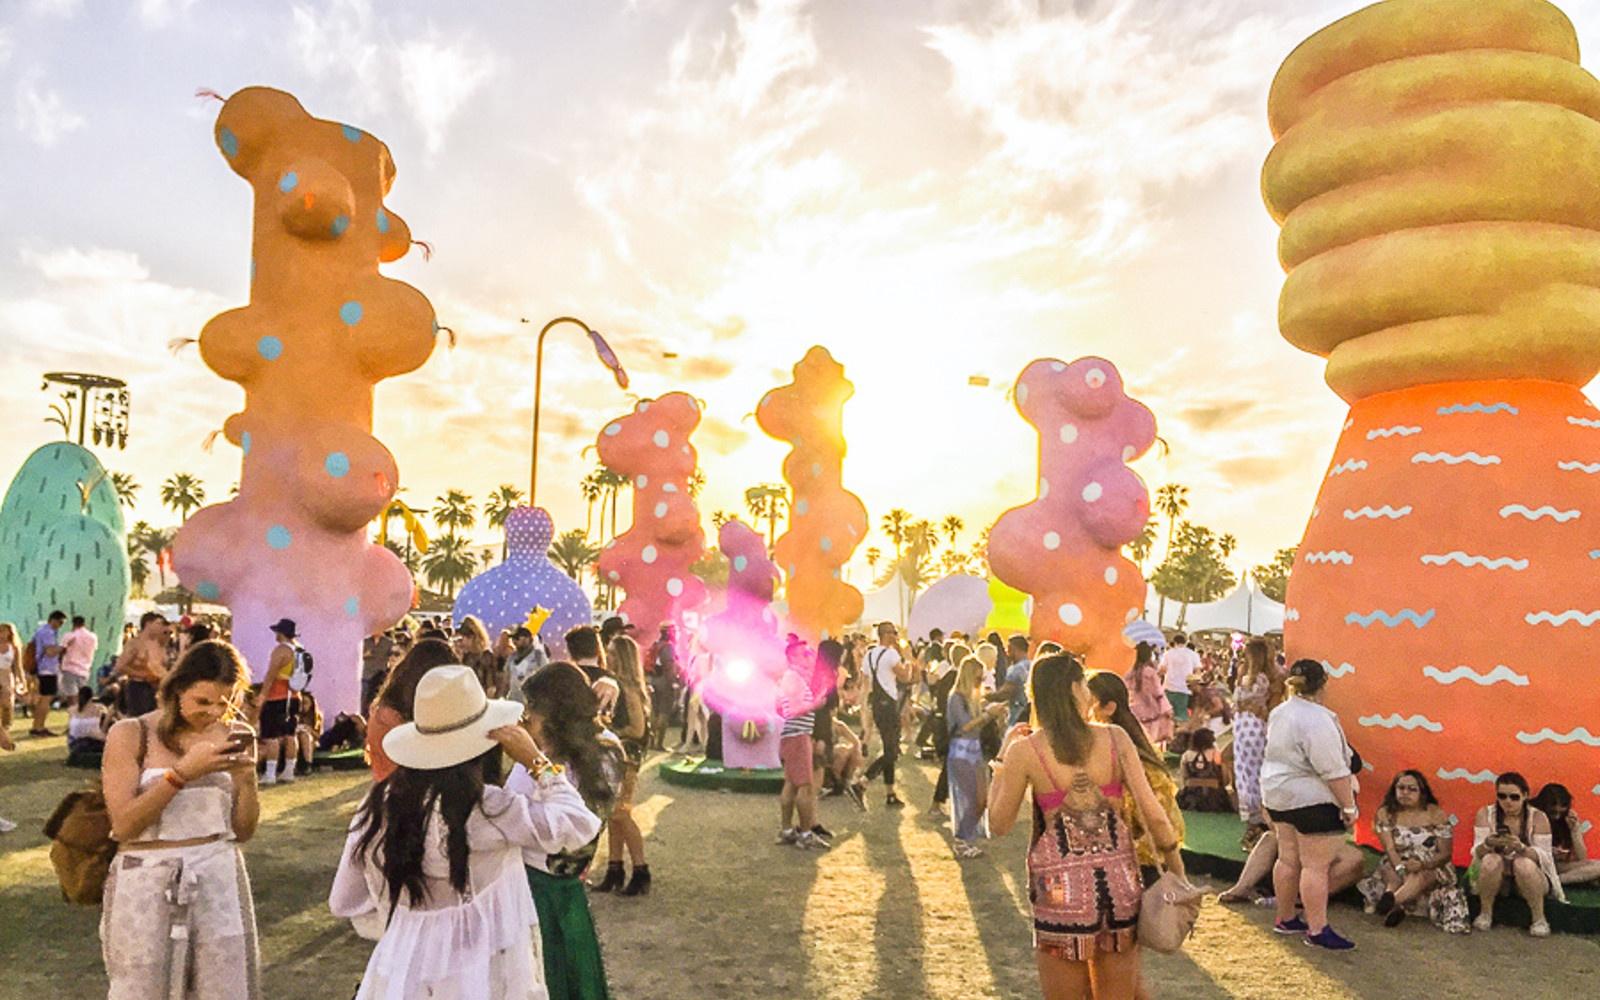 Os 15 maiores festivais do mundo para viajar em 2019